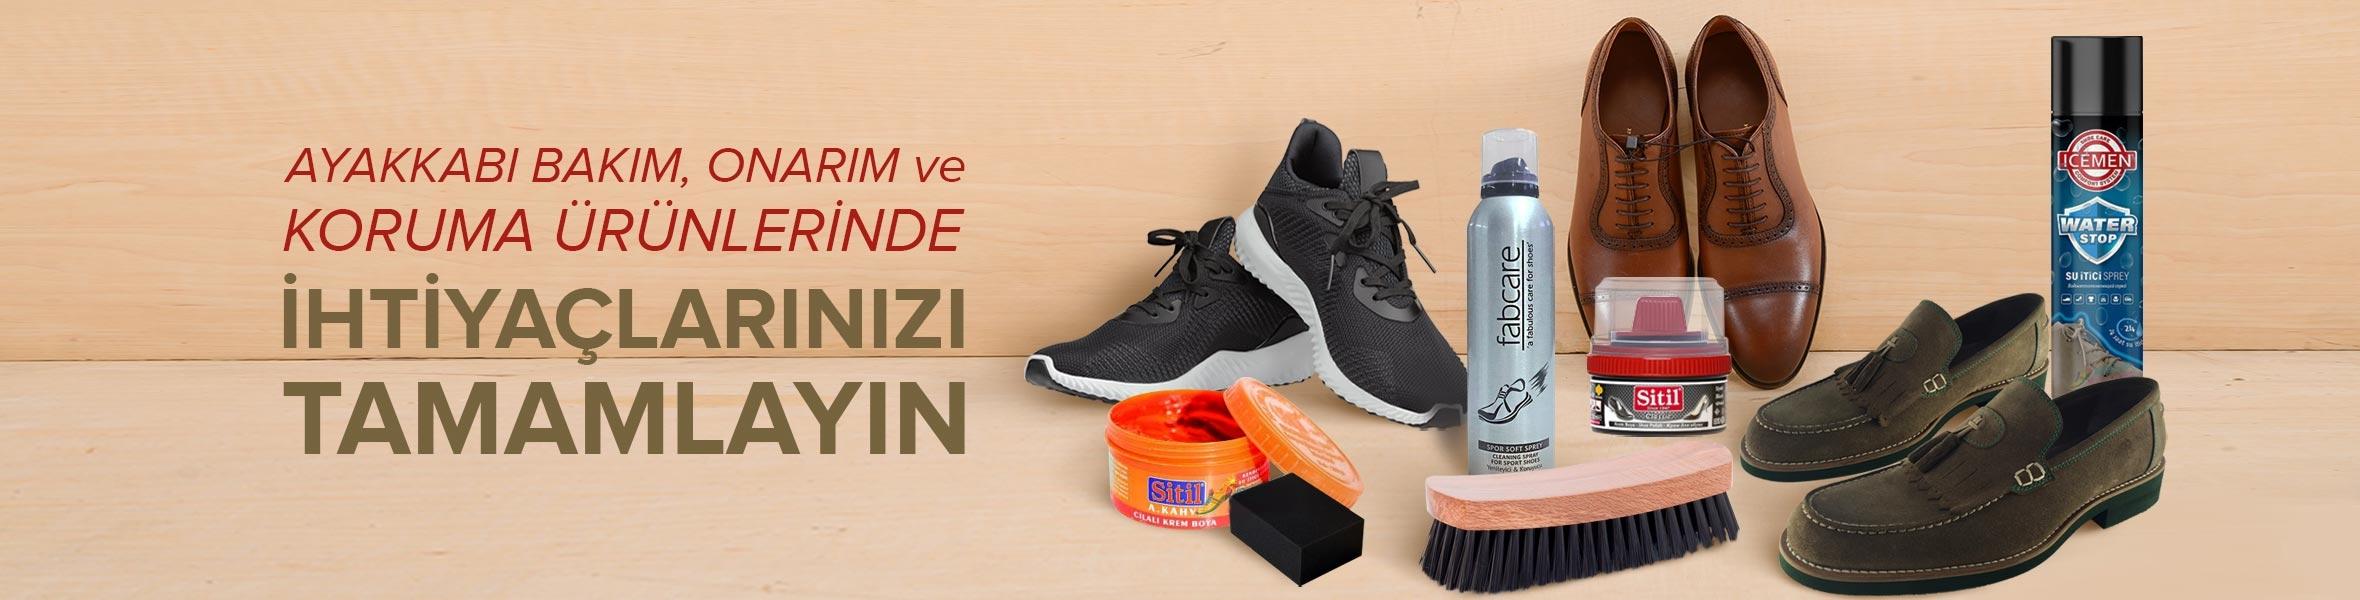 Ayakkabı Bakım , Onarım & Koruma Ürünlerinde İhtiyaçlarınızı Tamamlayın!